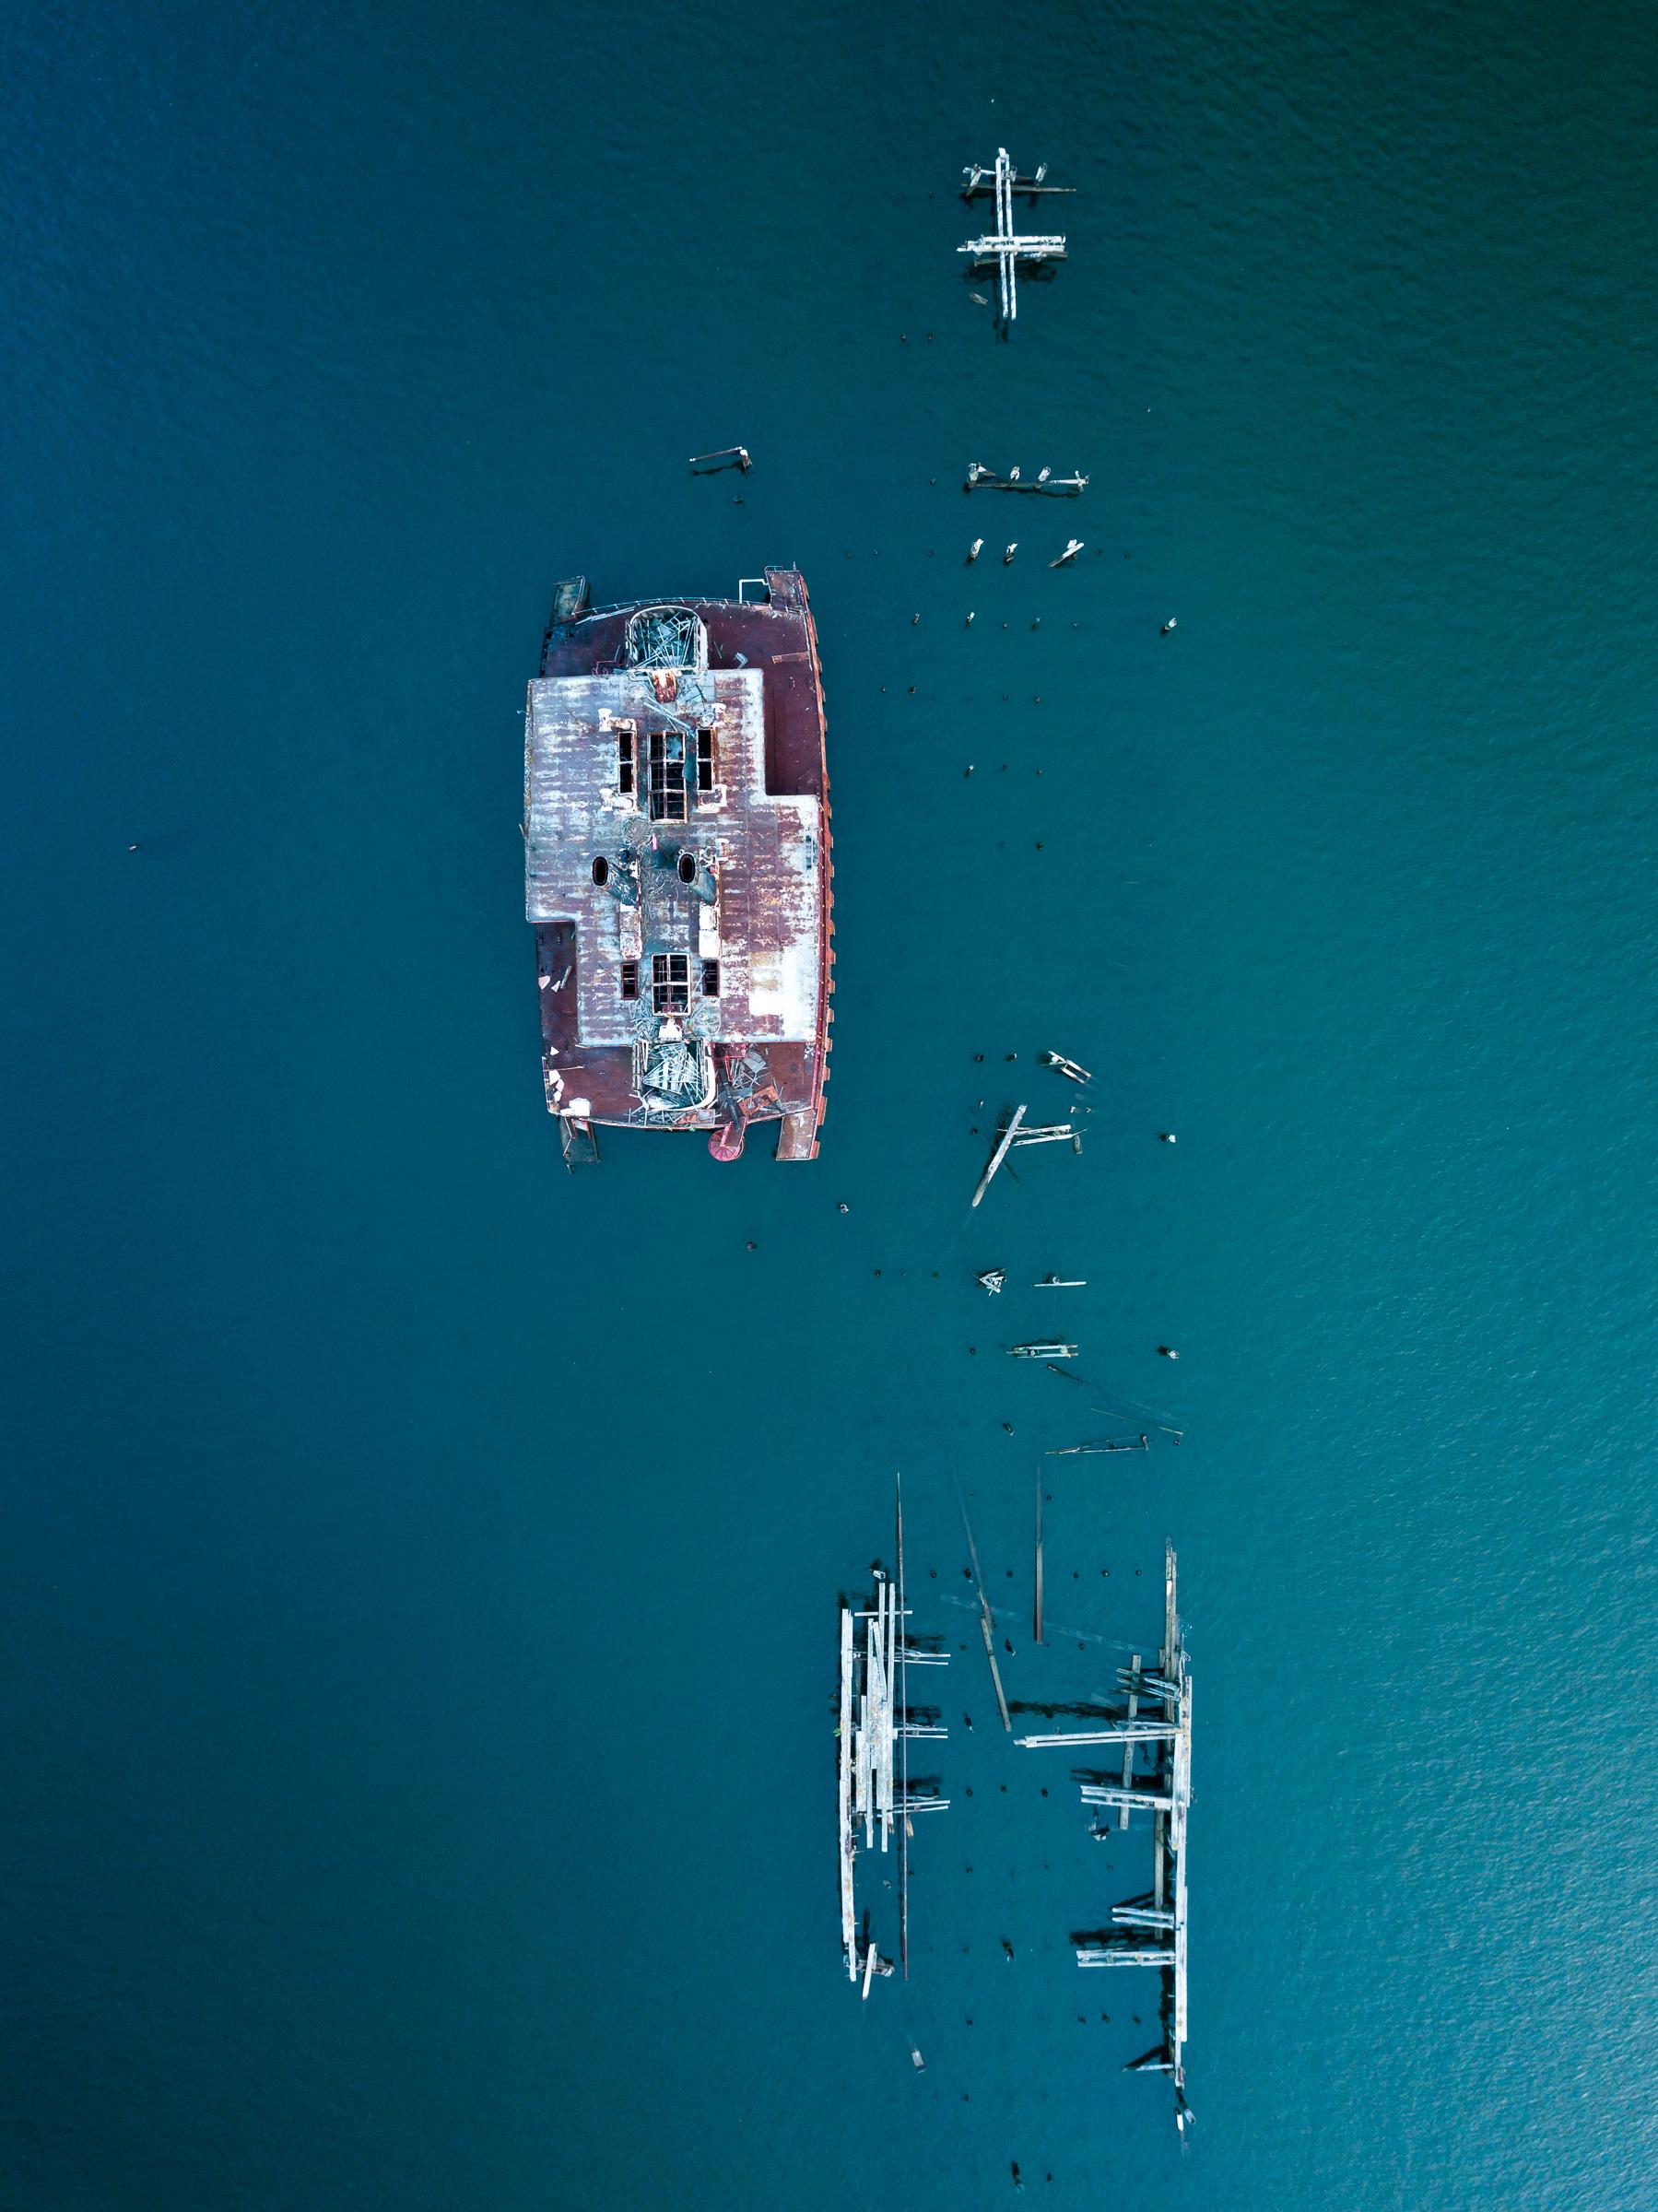 sunken_typoland_aerial-1.jpg